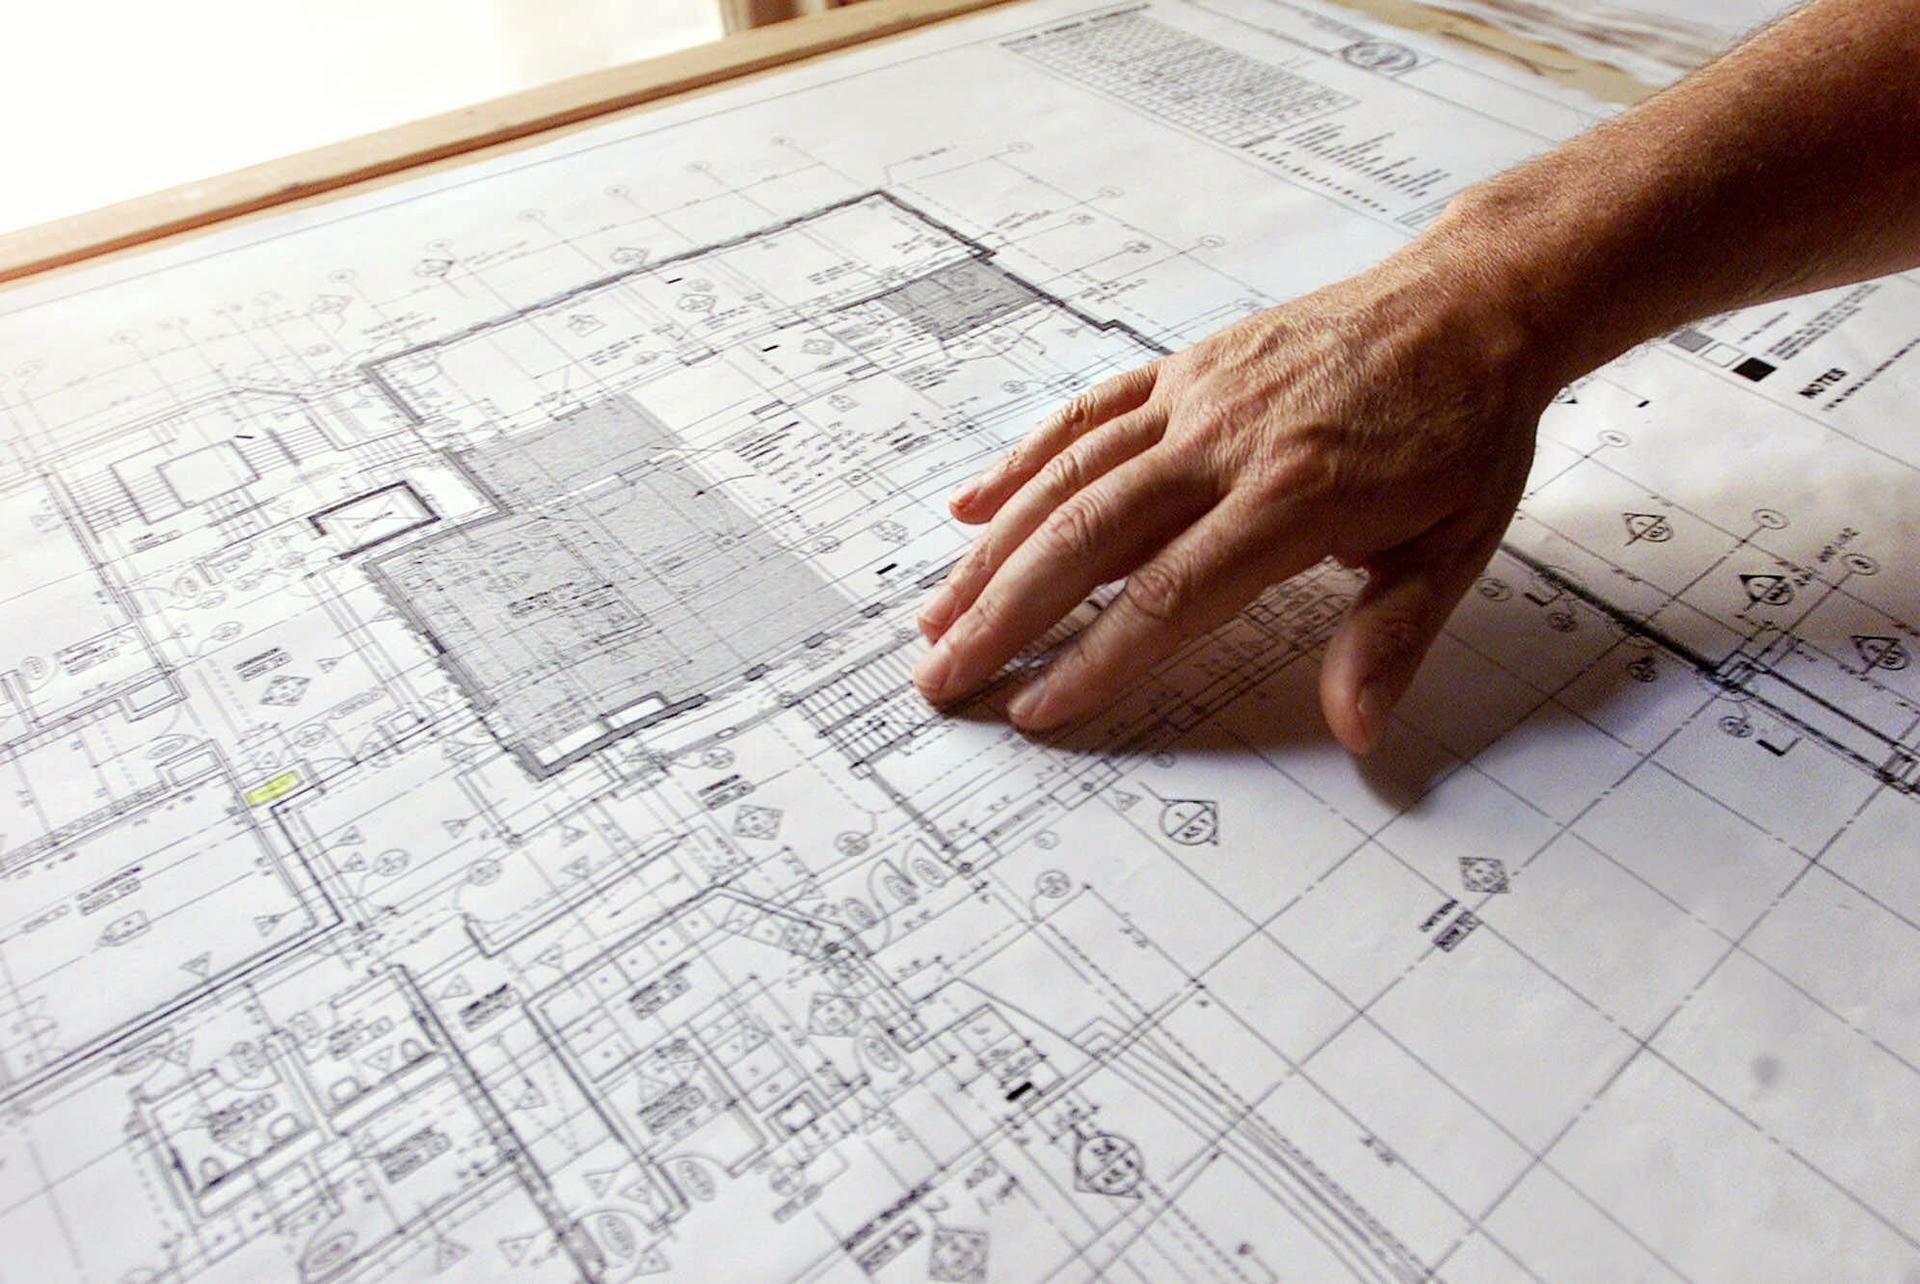 Baufinanzierung: Baugelddarlehen Gelten Als Solide Kapitalanlage